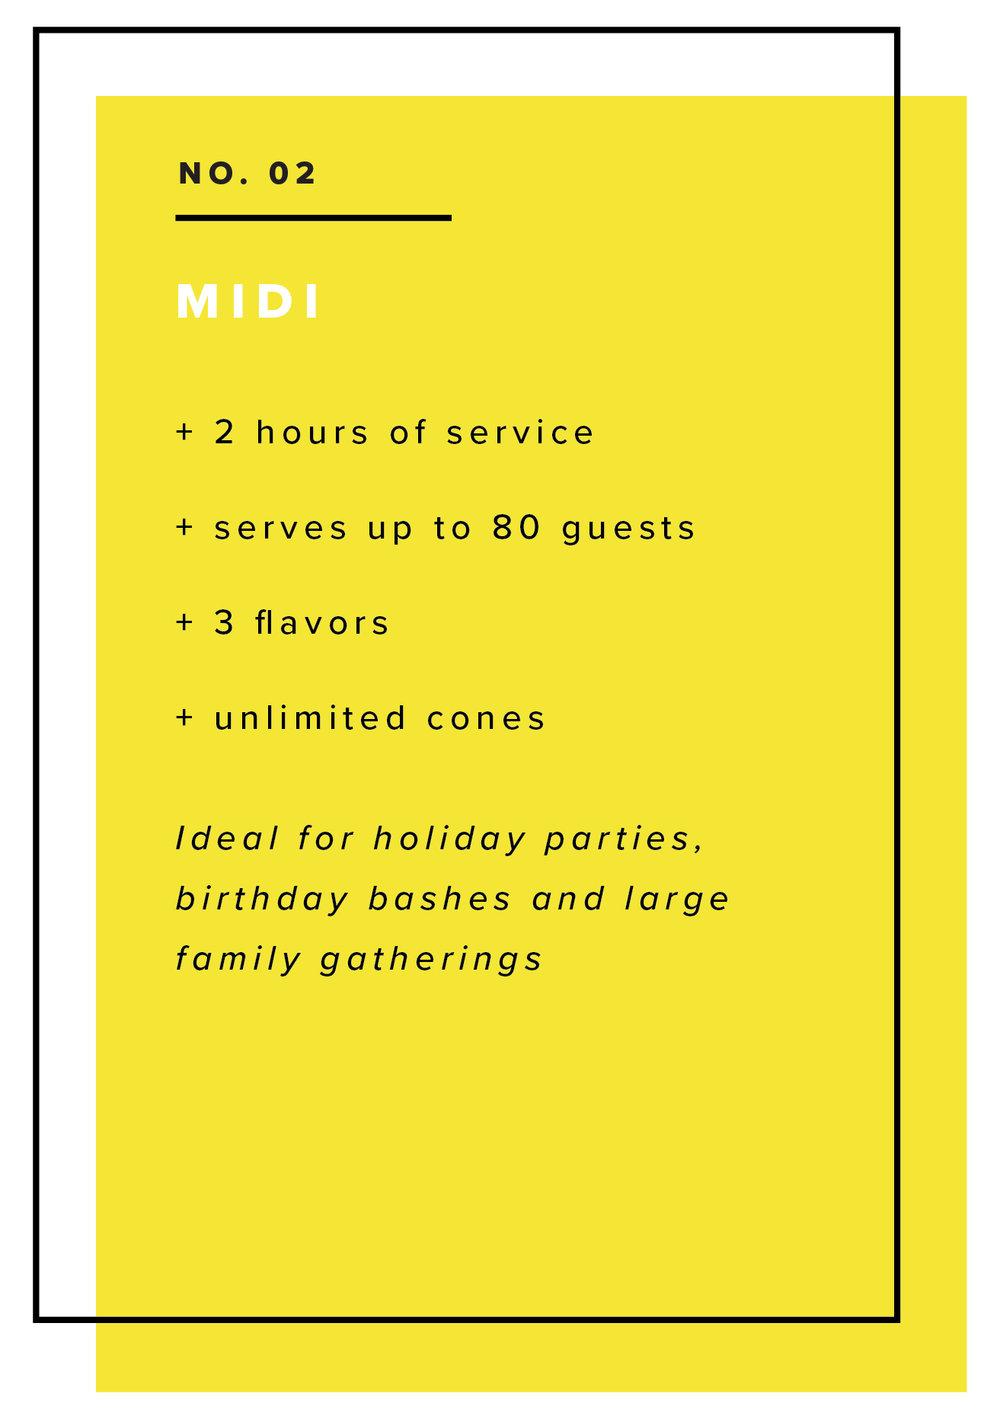 Services-No.02.jpg